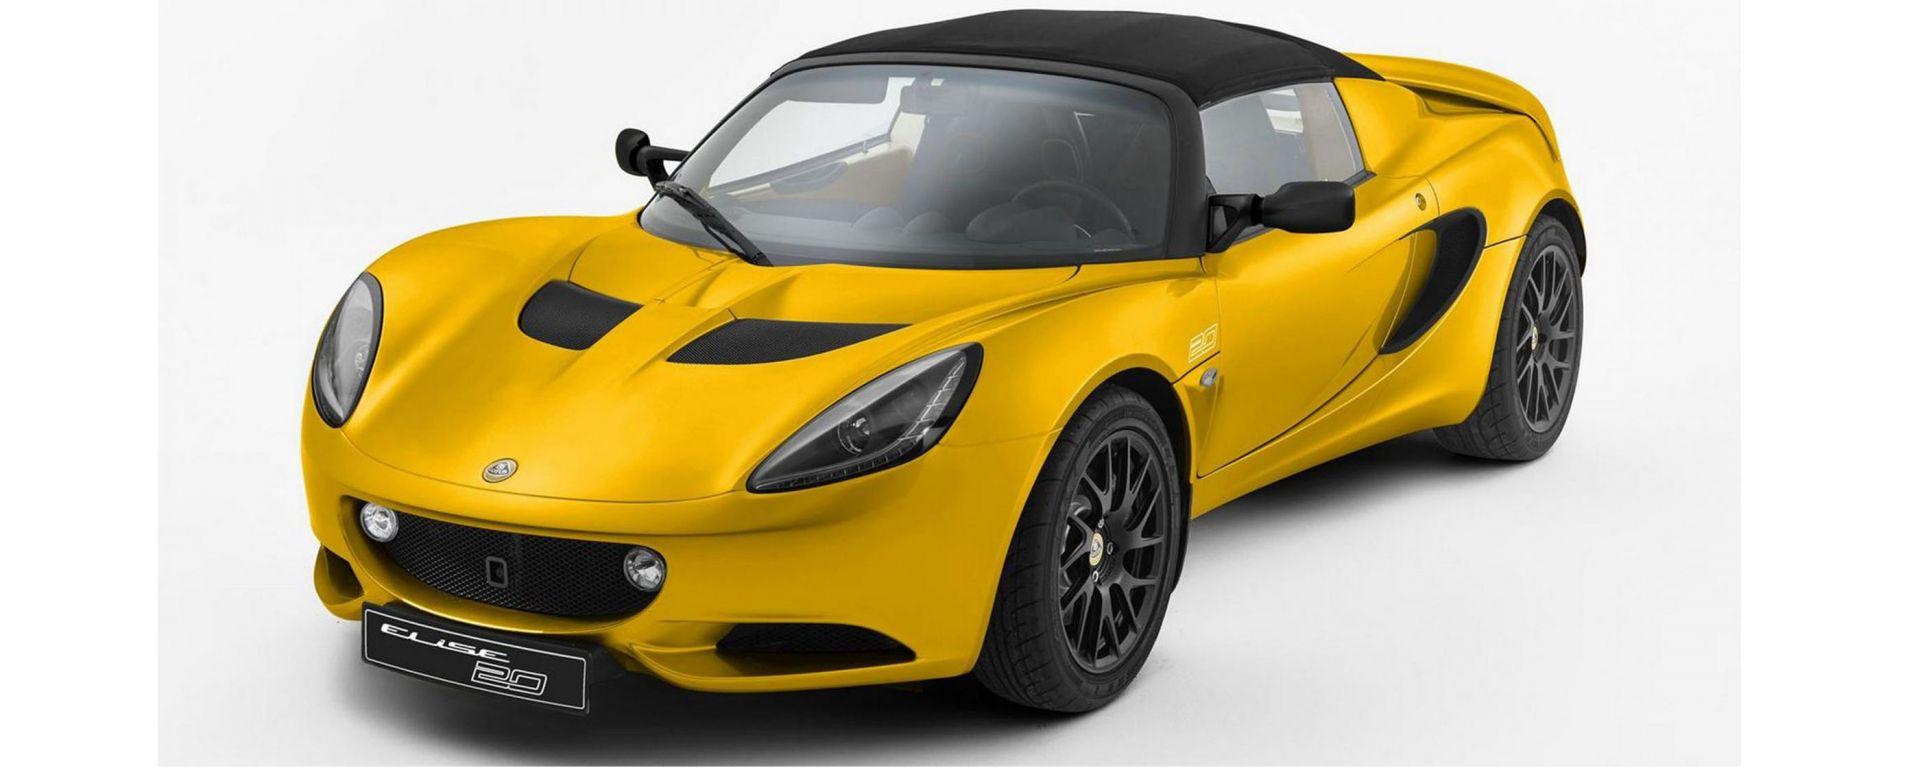 Lotus Elise: nel 2020 arriverà la nuova generazione della sportiva inglese